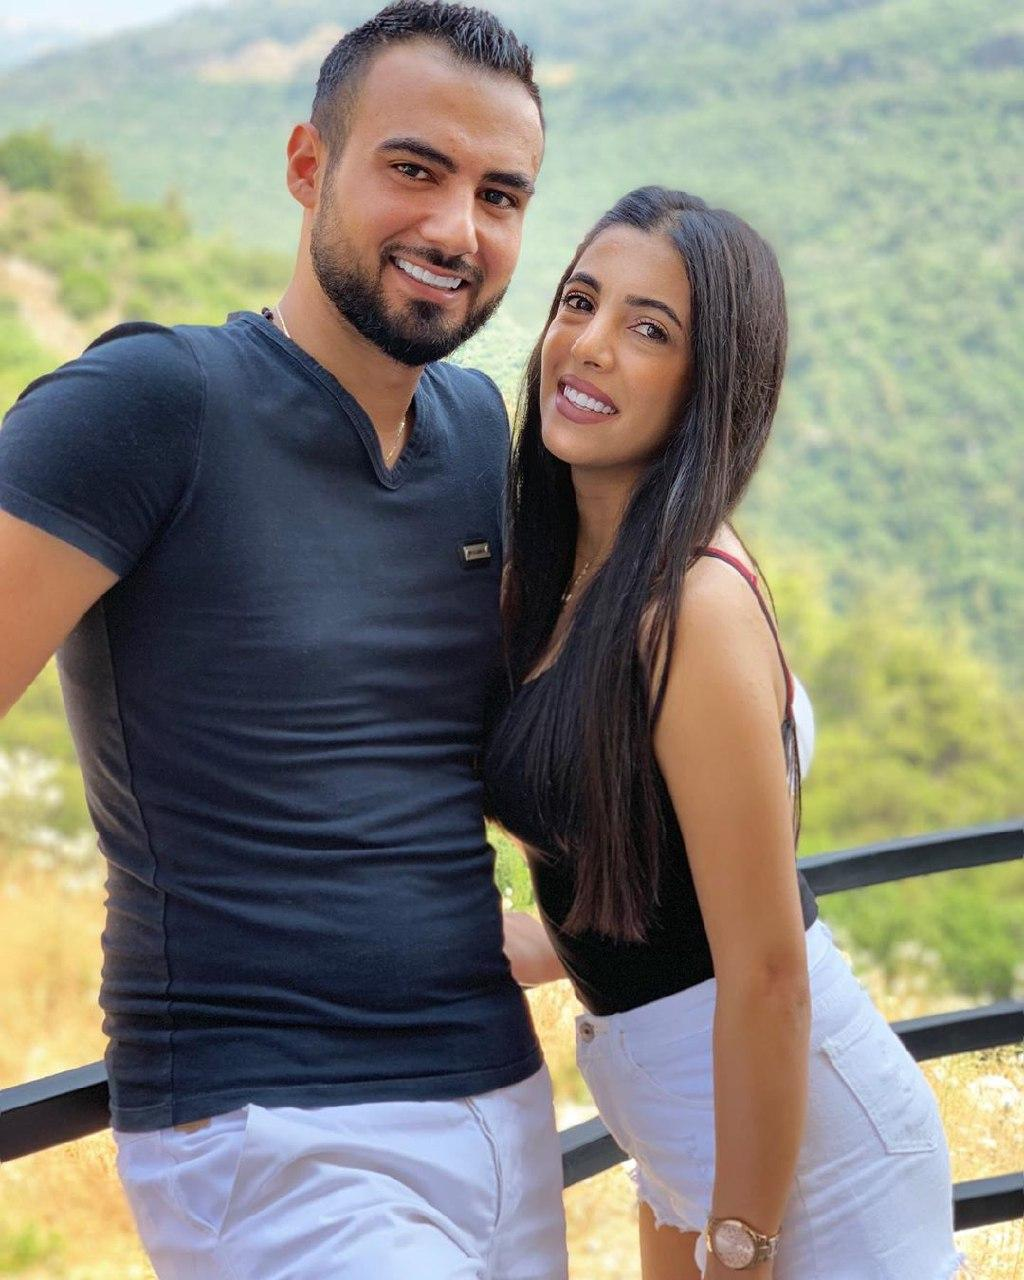 Вибух в Бейруті: як загибель 24-річної Фарес стала символом катастрофи